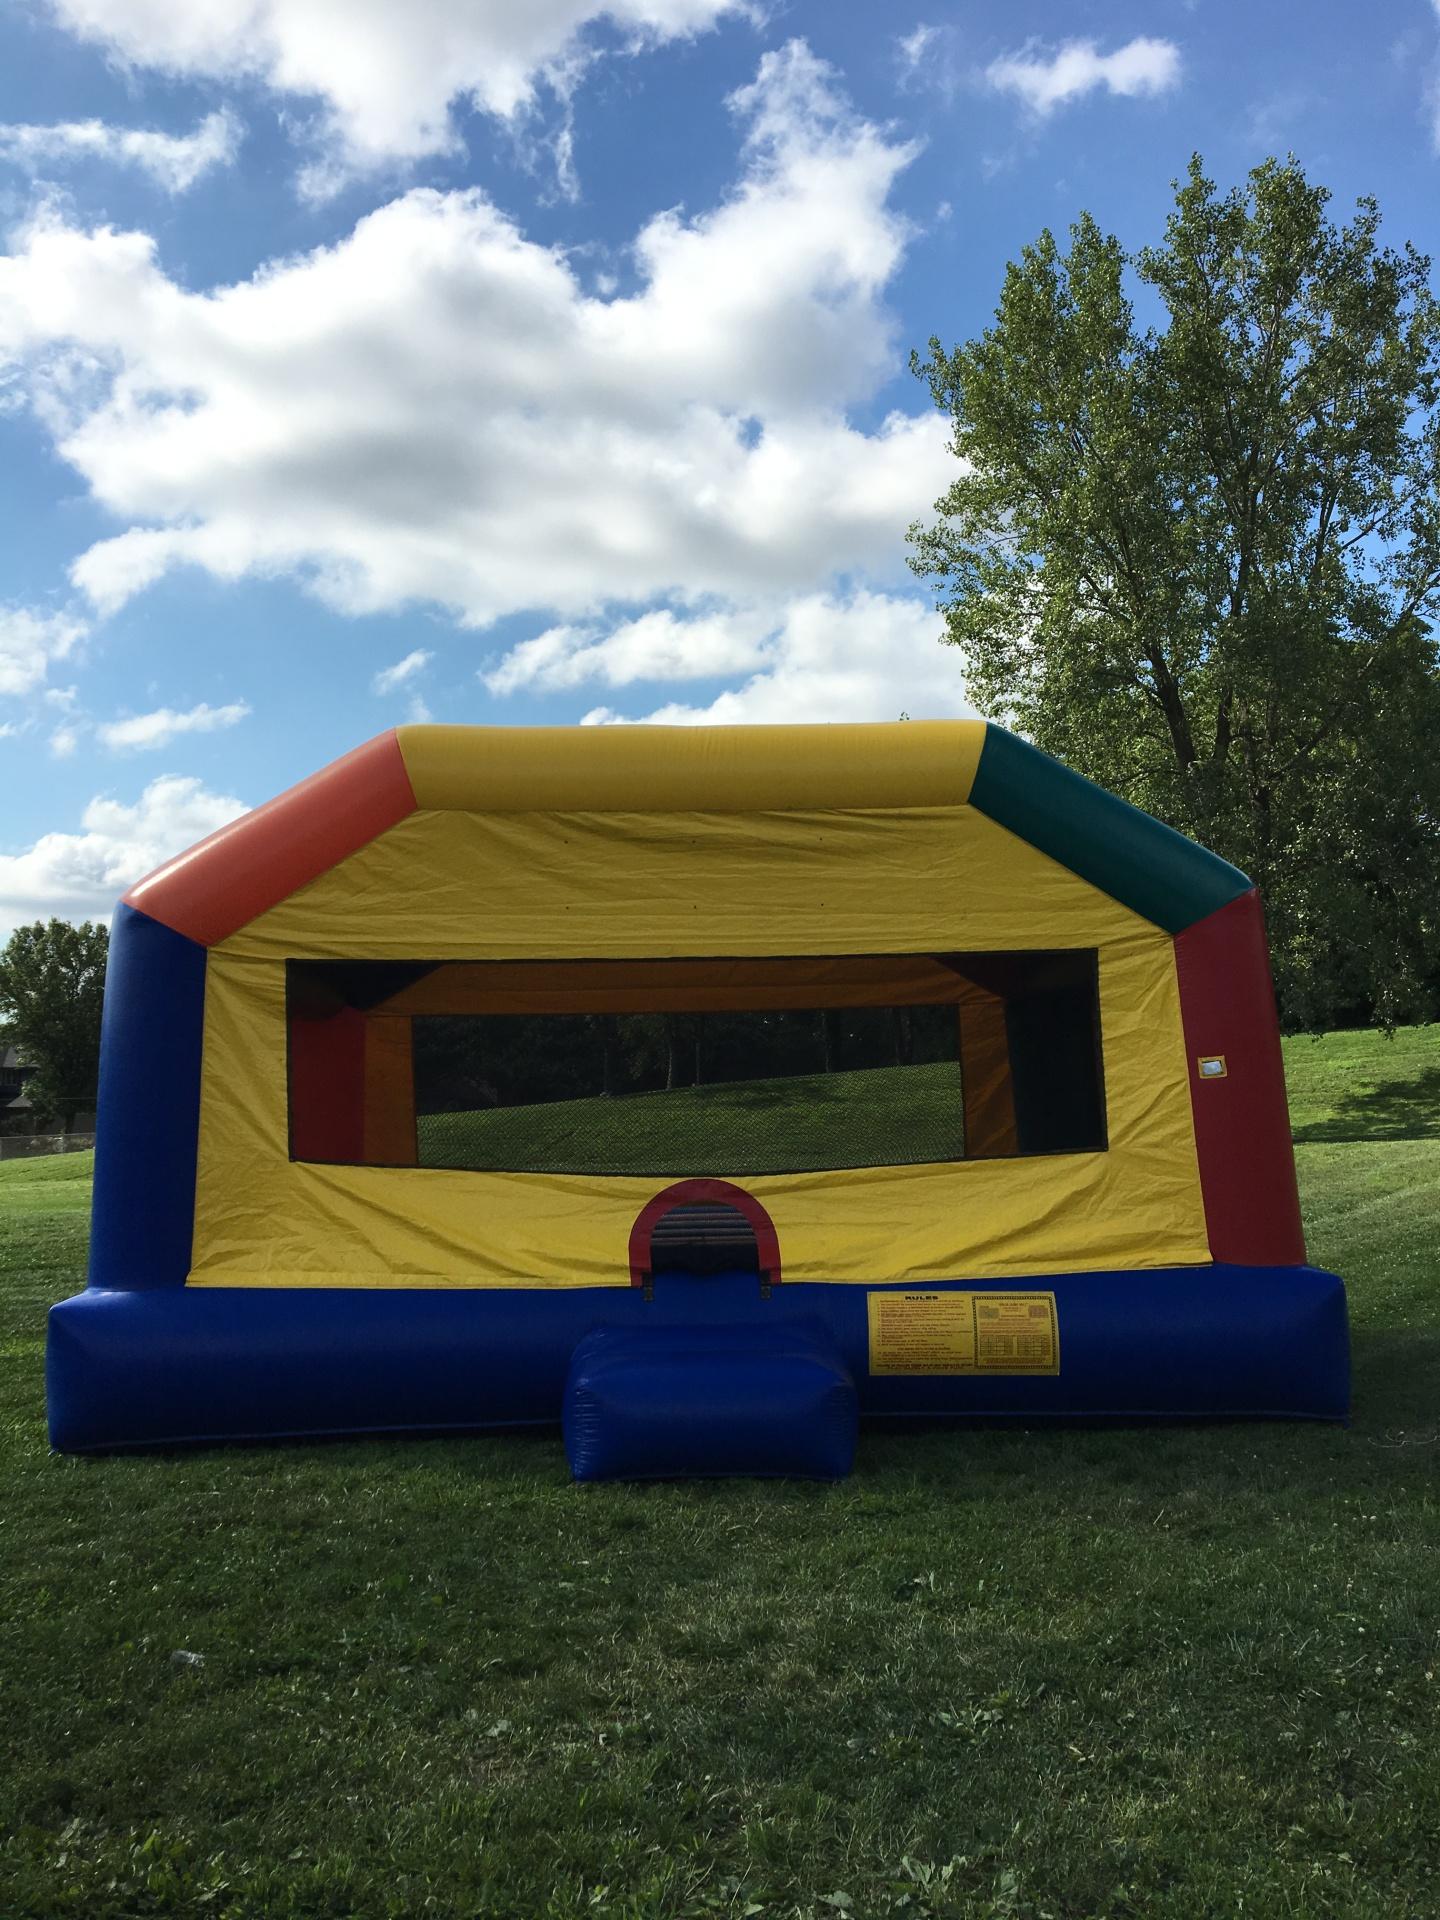 XL Bounce house $250